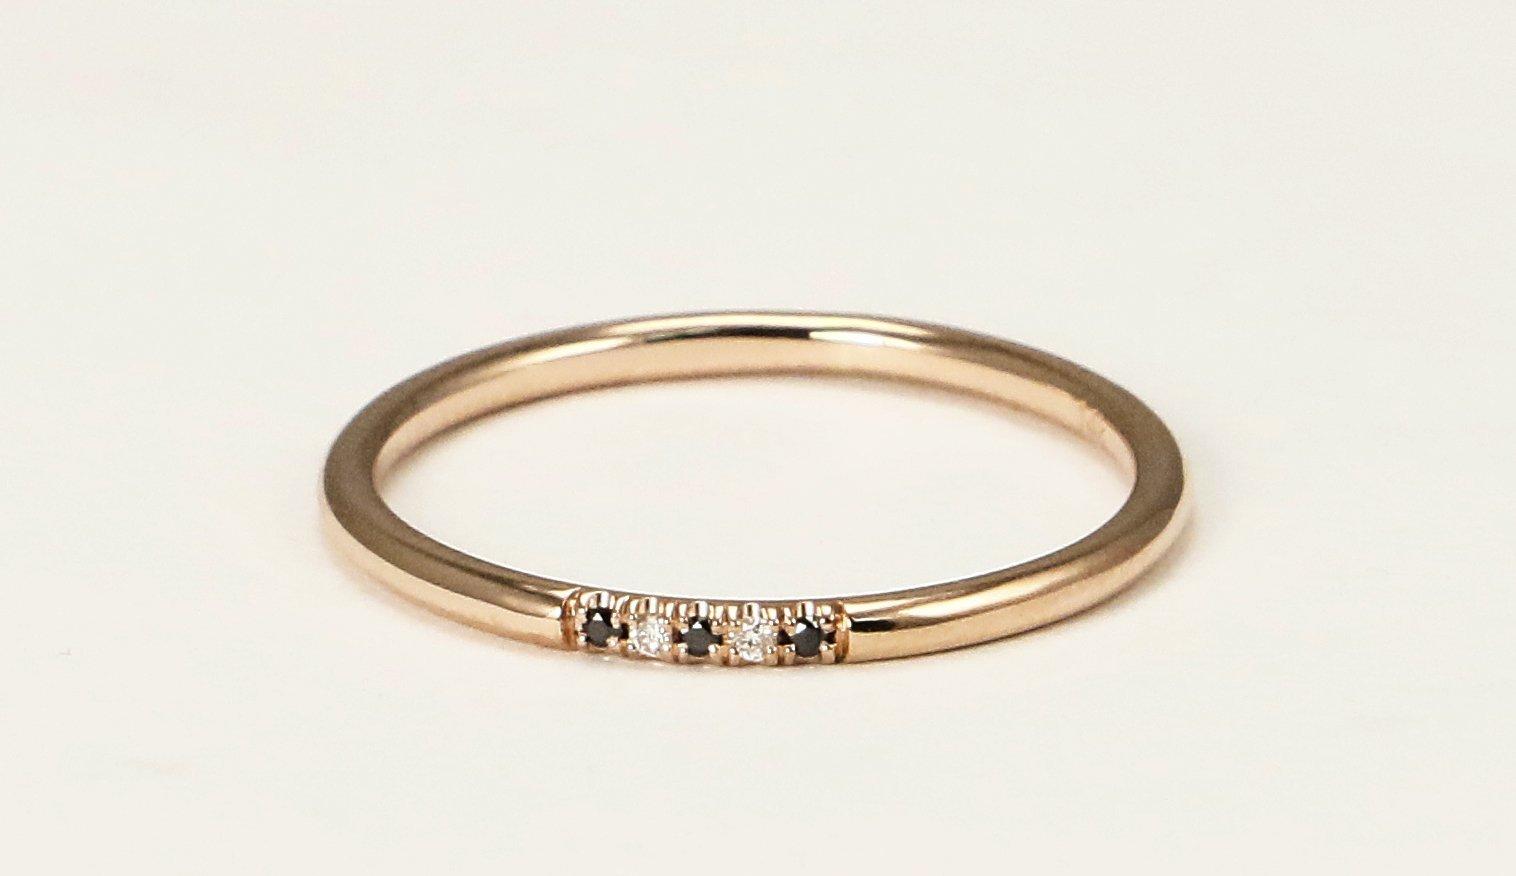 14k Rose Gold Black and White Diamond Wedding Band, Diamond Stacking Ring